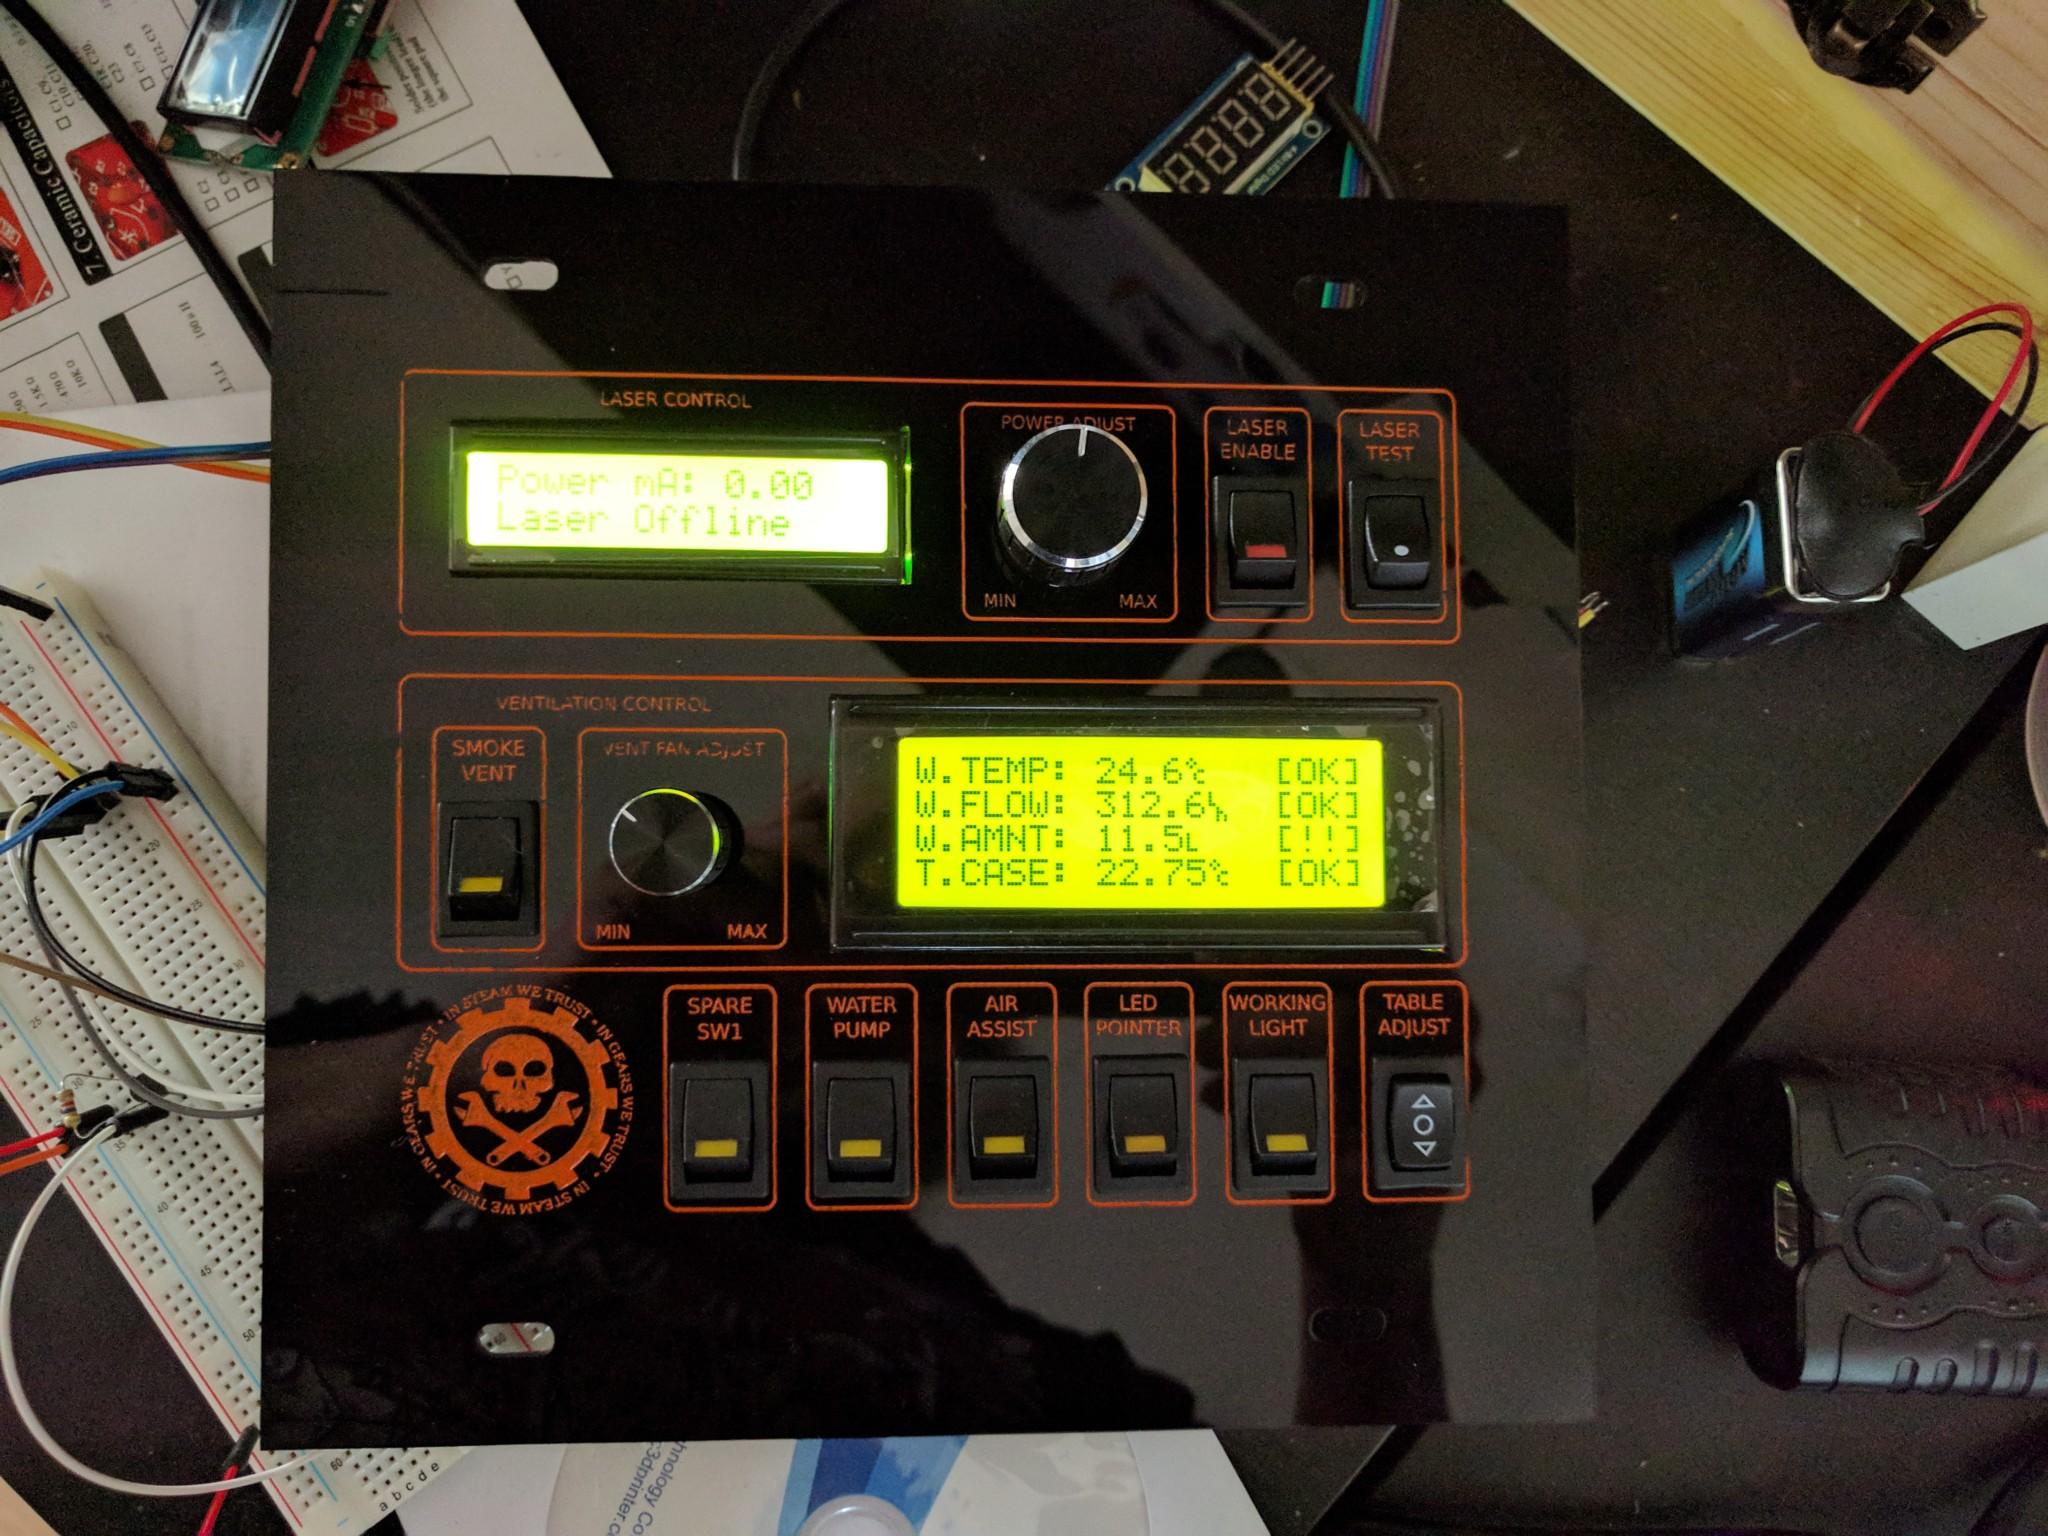 K40 Laser update 3 – Steamworx net